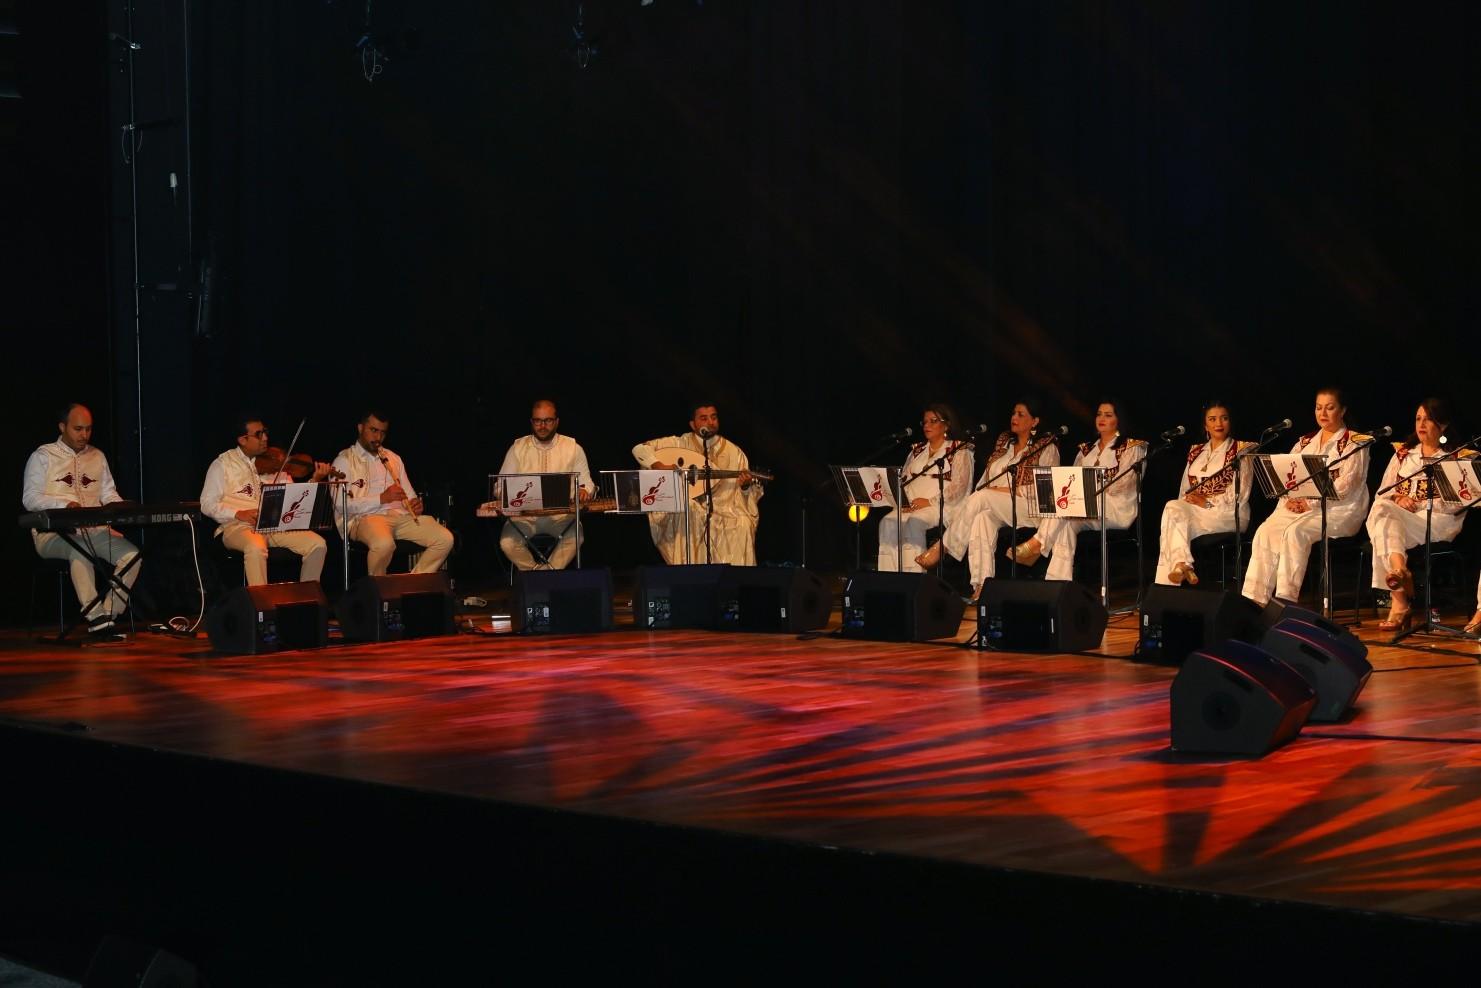 مالوف الخضراء... أمسية حملت التراث الموسيقي التونسي إلى الدوحة